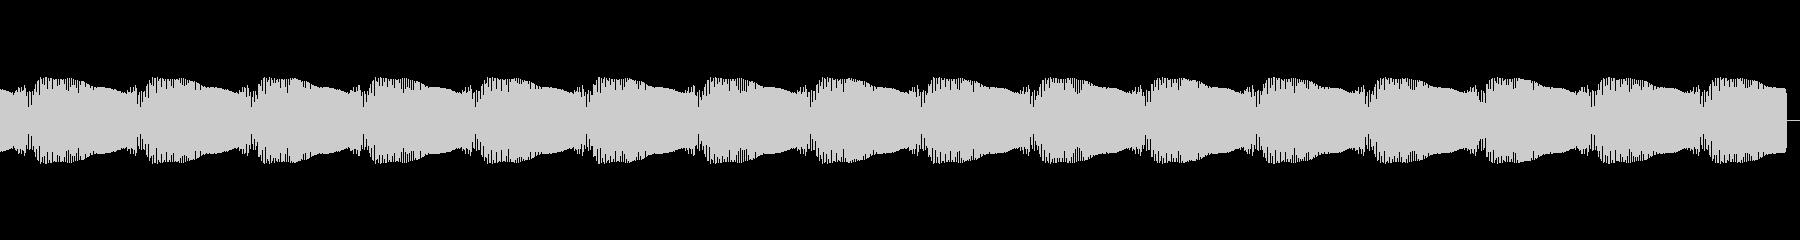 【ポップモーション08-8L】の未再生の波形